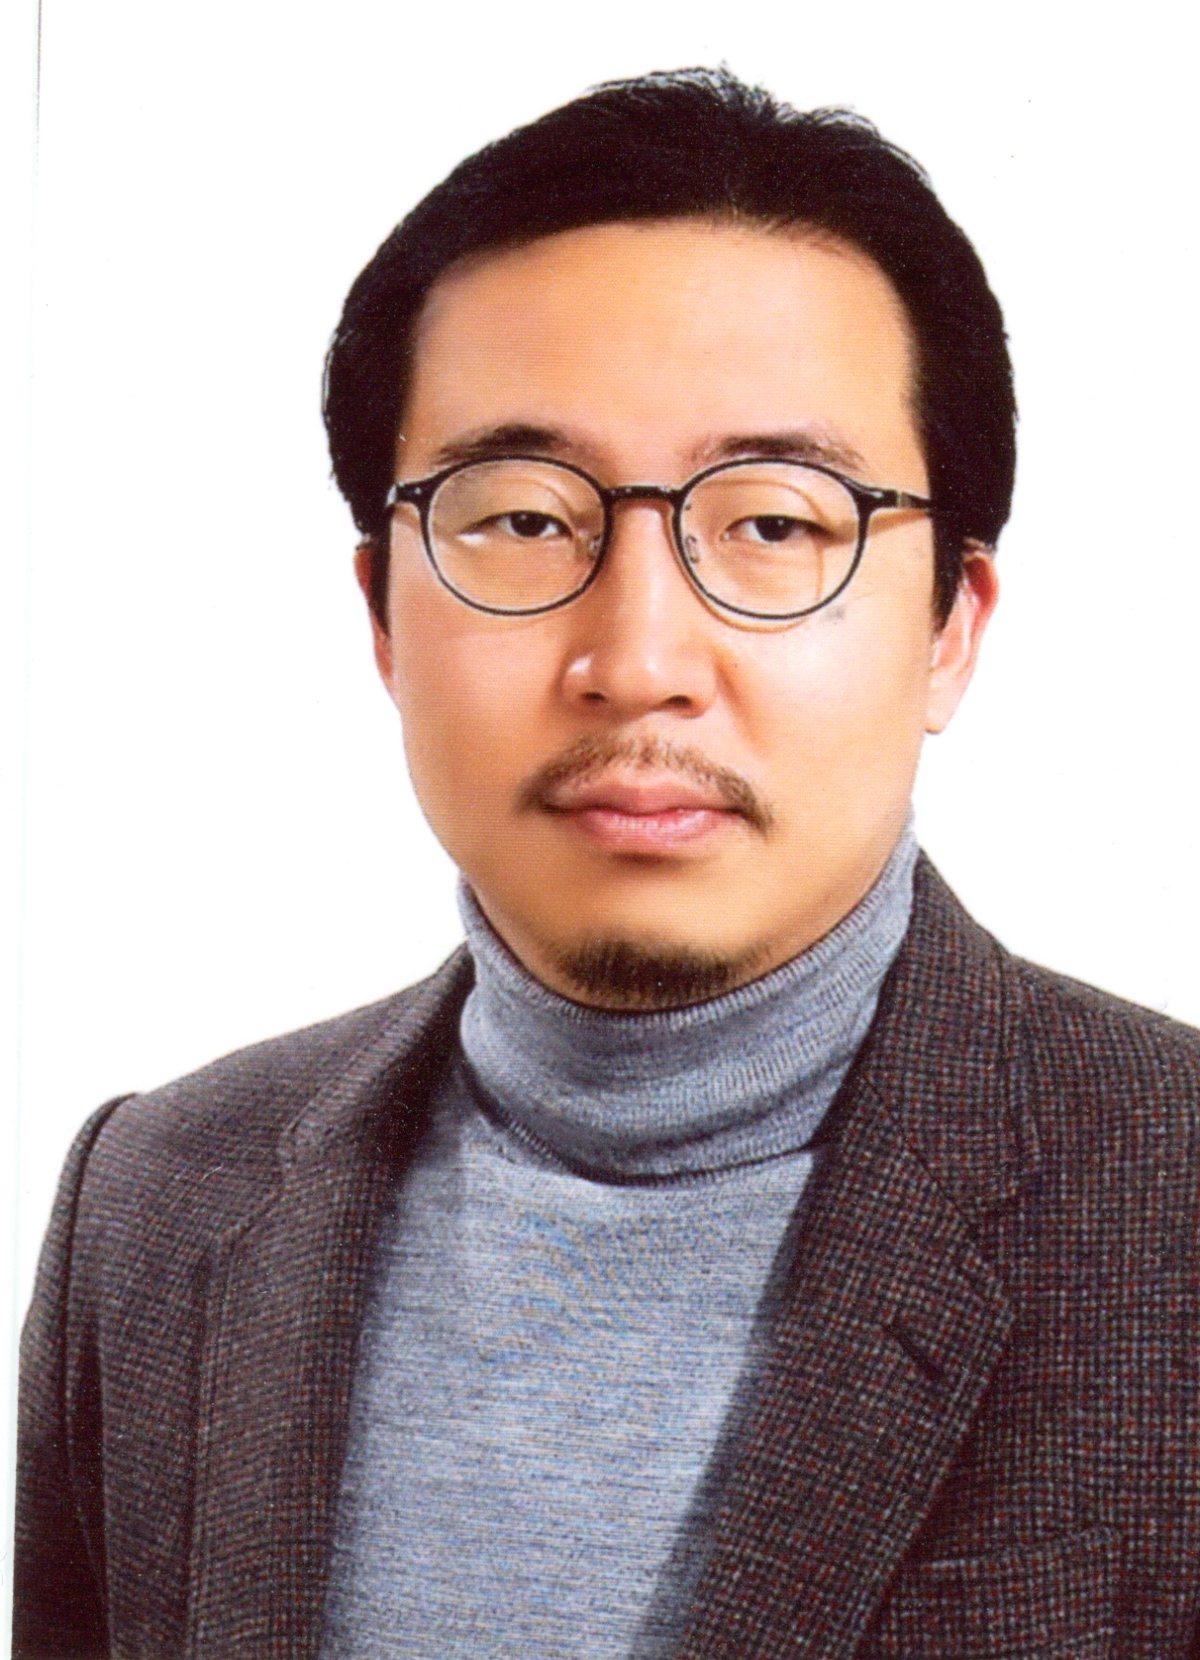 노상호(魯相豪) 조교수님 사진